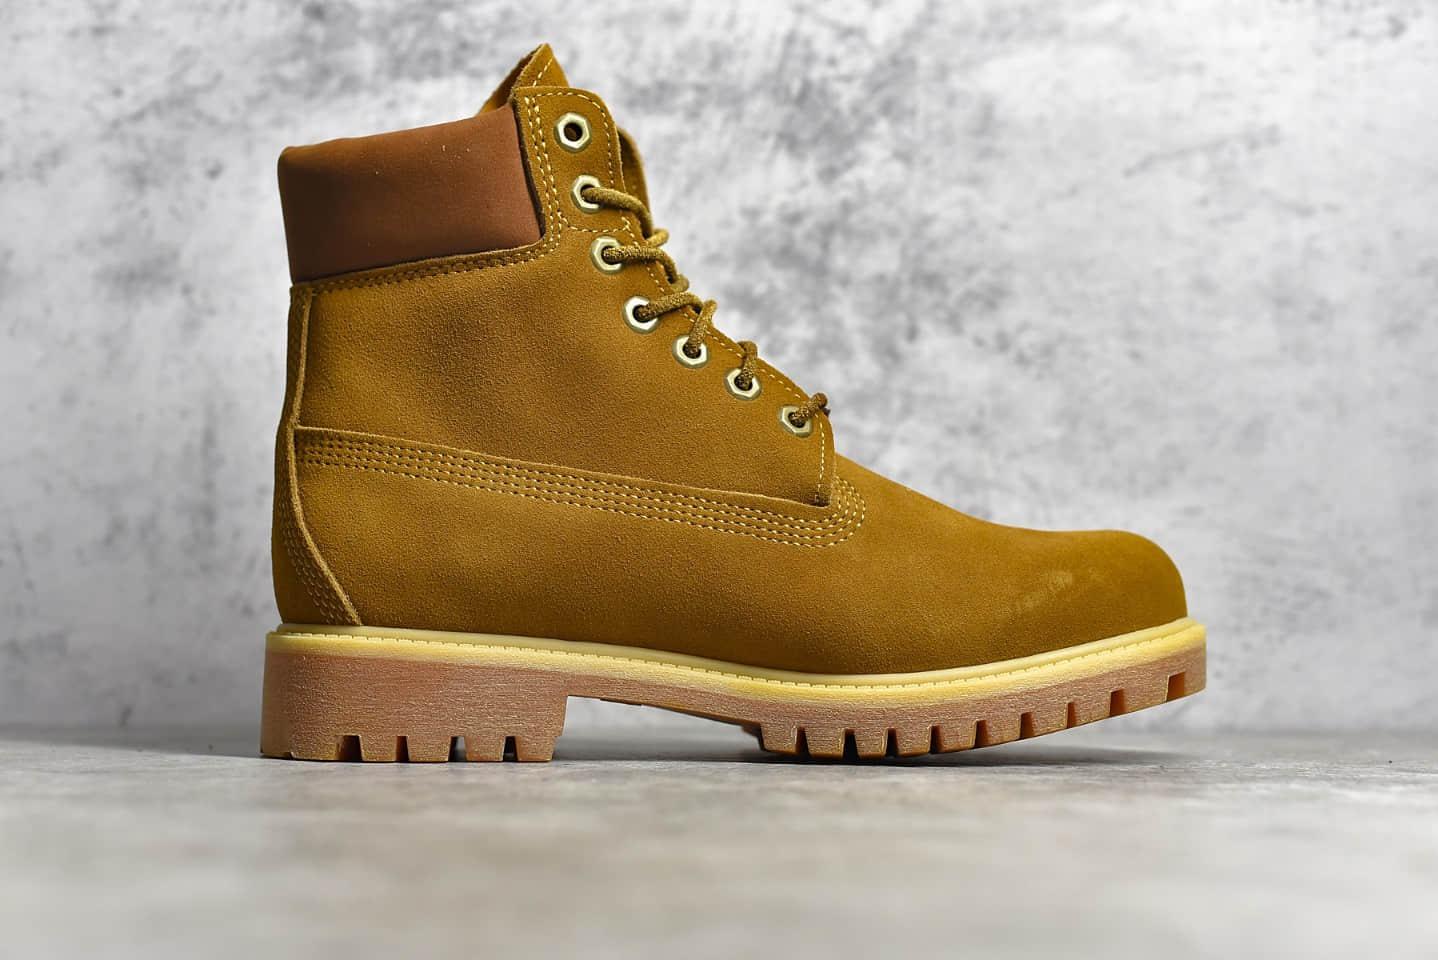 天伯伦大黄靴40周年限量版 Timberland Super 6' 天伯伦/添柏岚限量版超级6英寸黄靴-潮流者之家